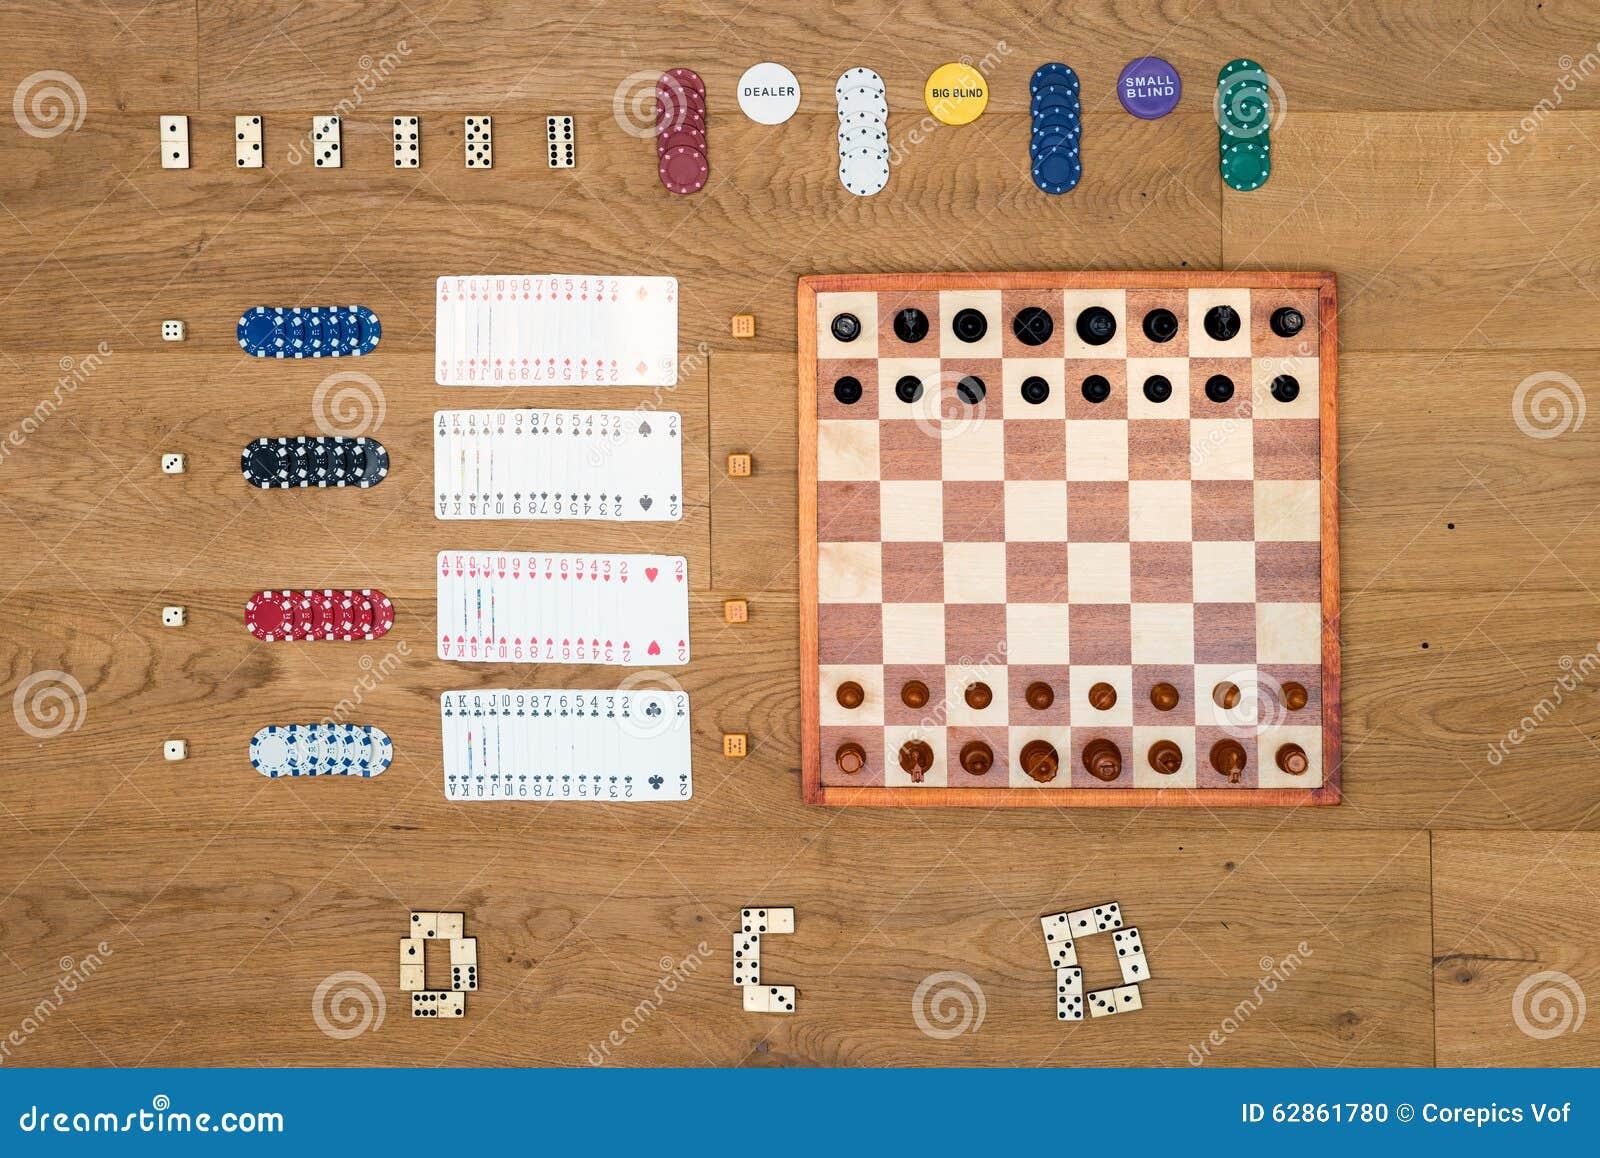 Gambling top game gambling horoscope libra